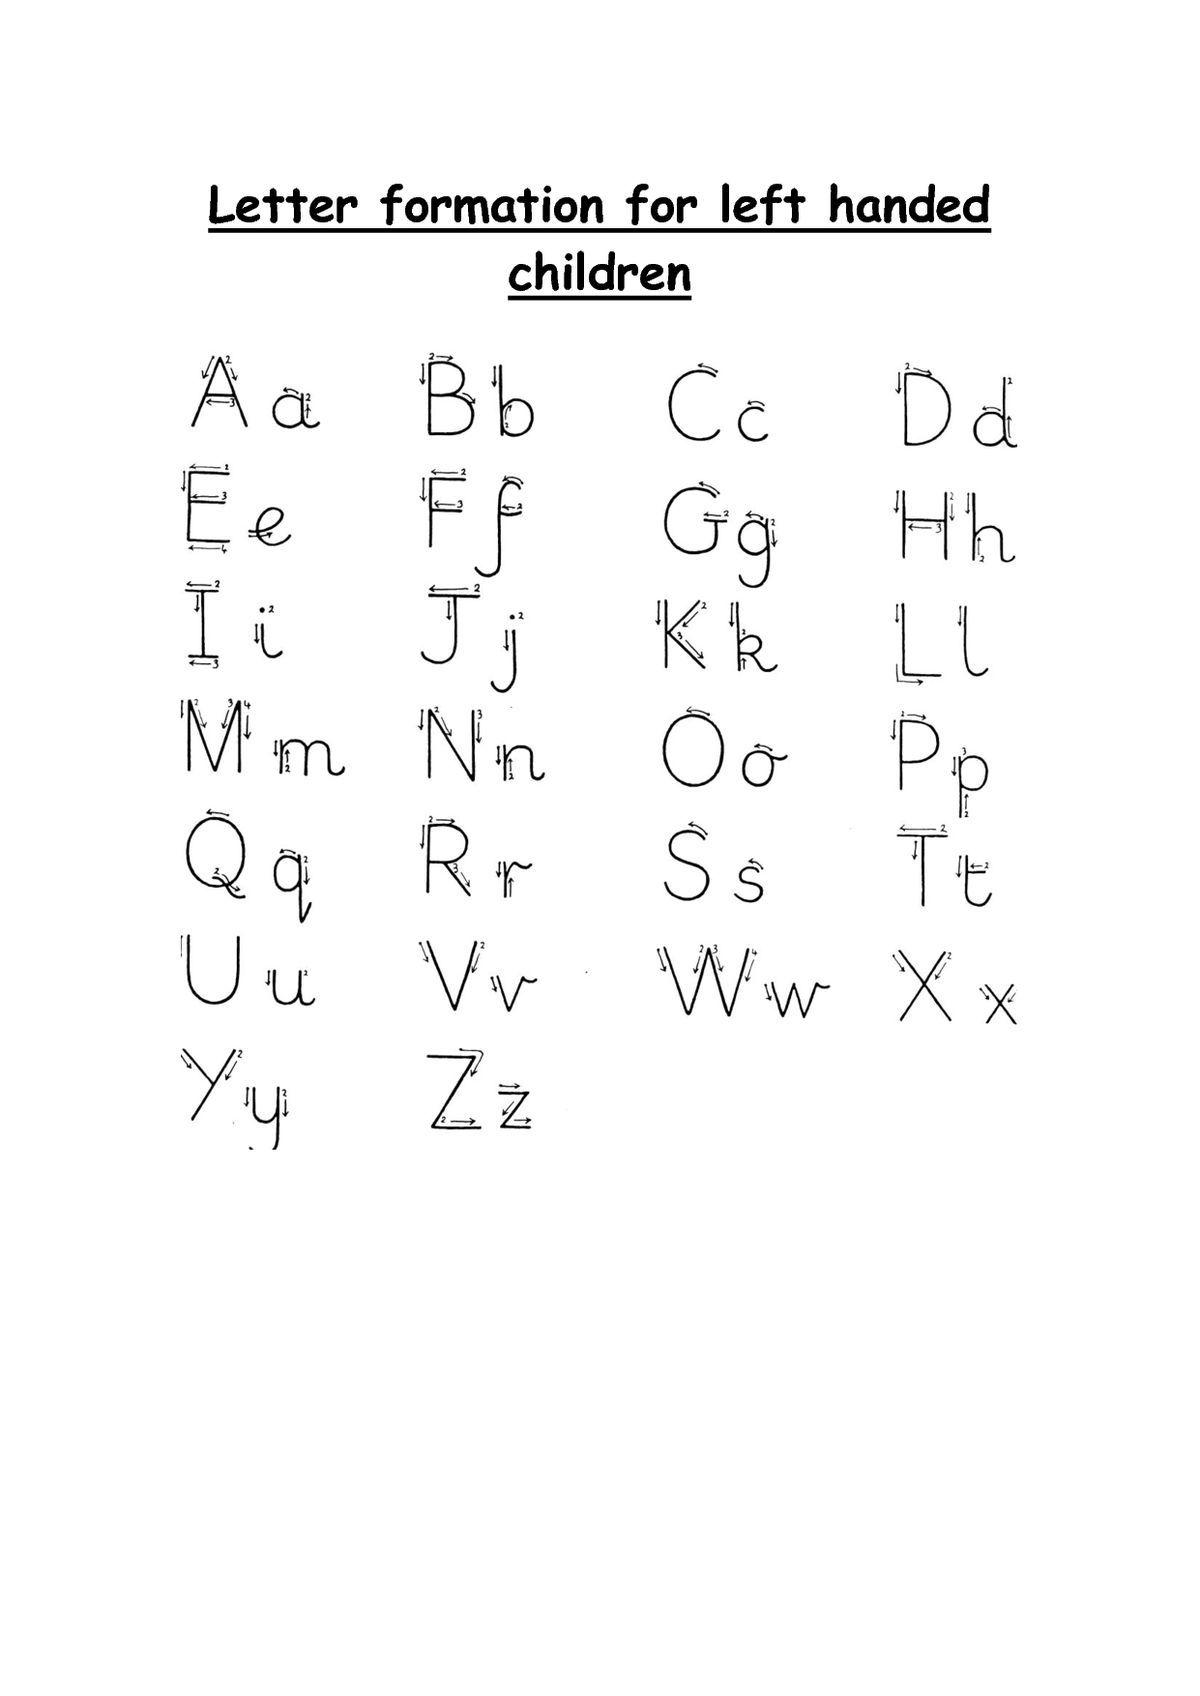 Left Handed Letter Formation